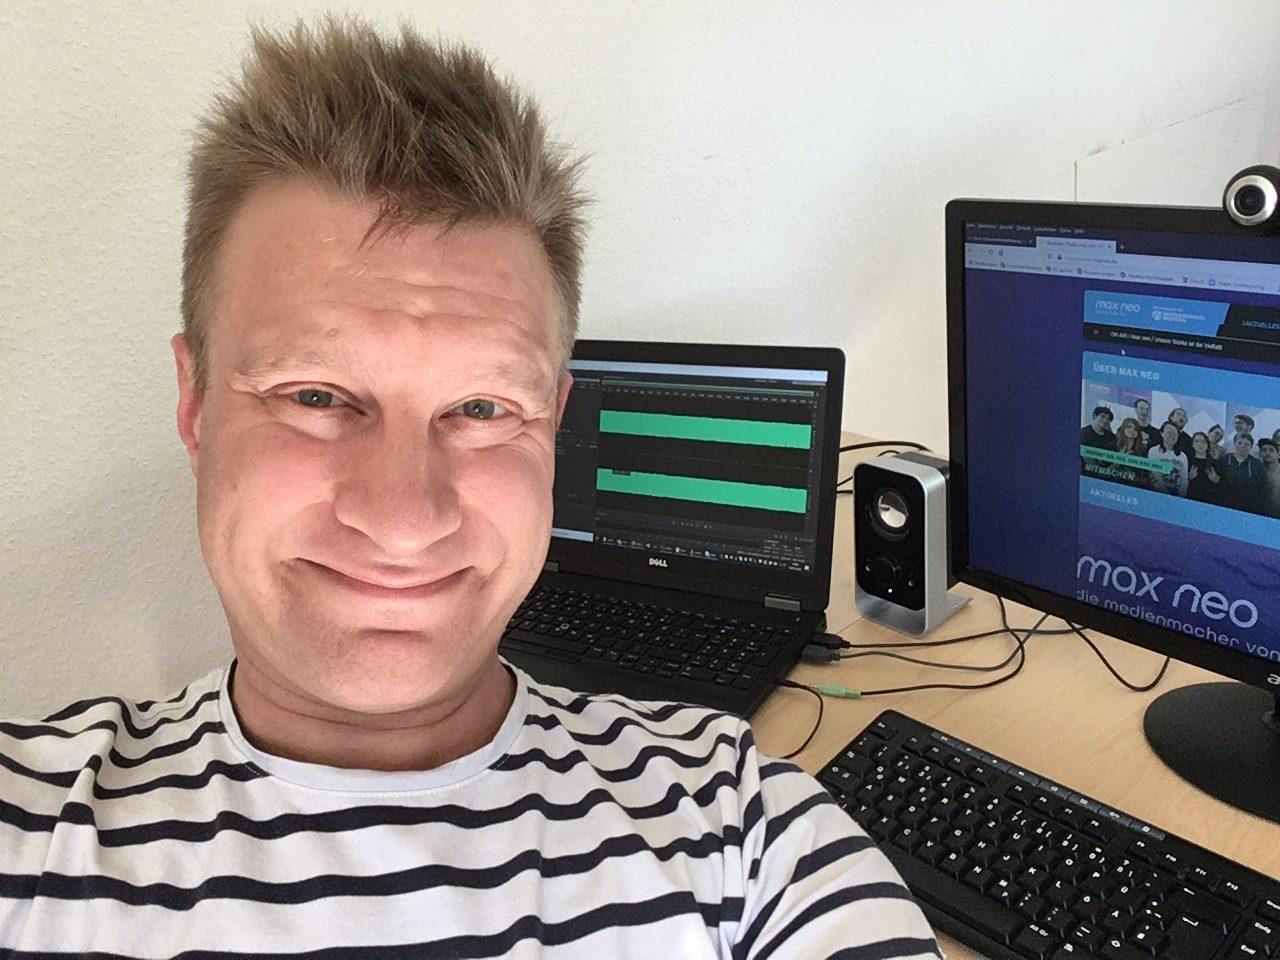 Holger Müller sitzt an seinem Schreibtisch im Home Office. Im Hintergrund des Selfies sind ein PC mit Tastatur und ein Laptop zu sehen.